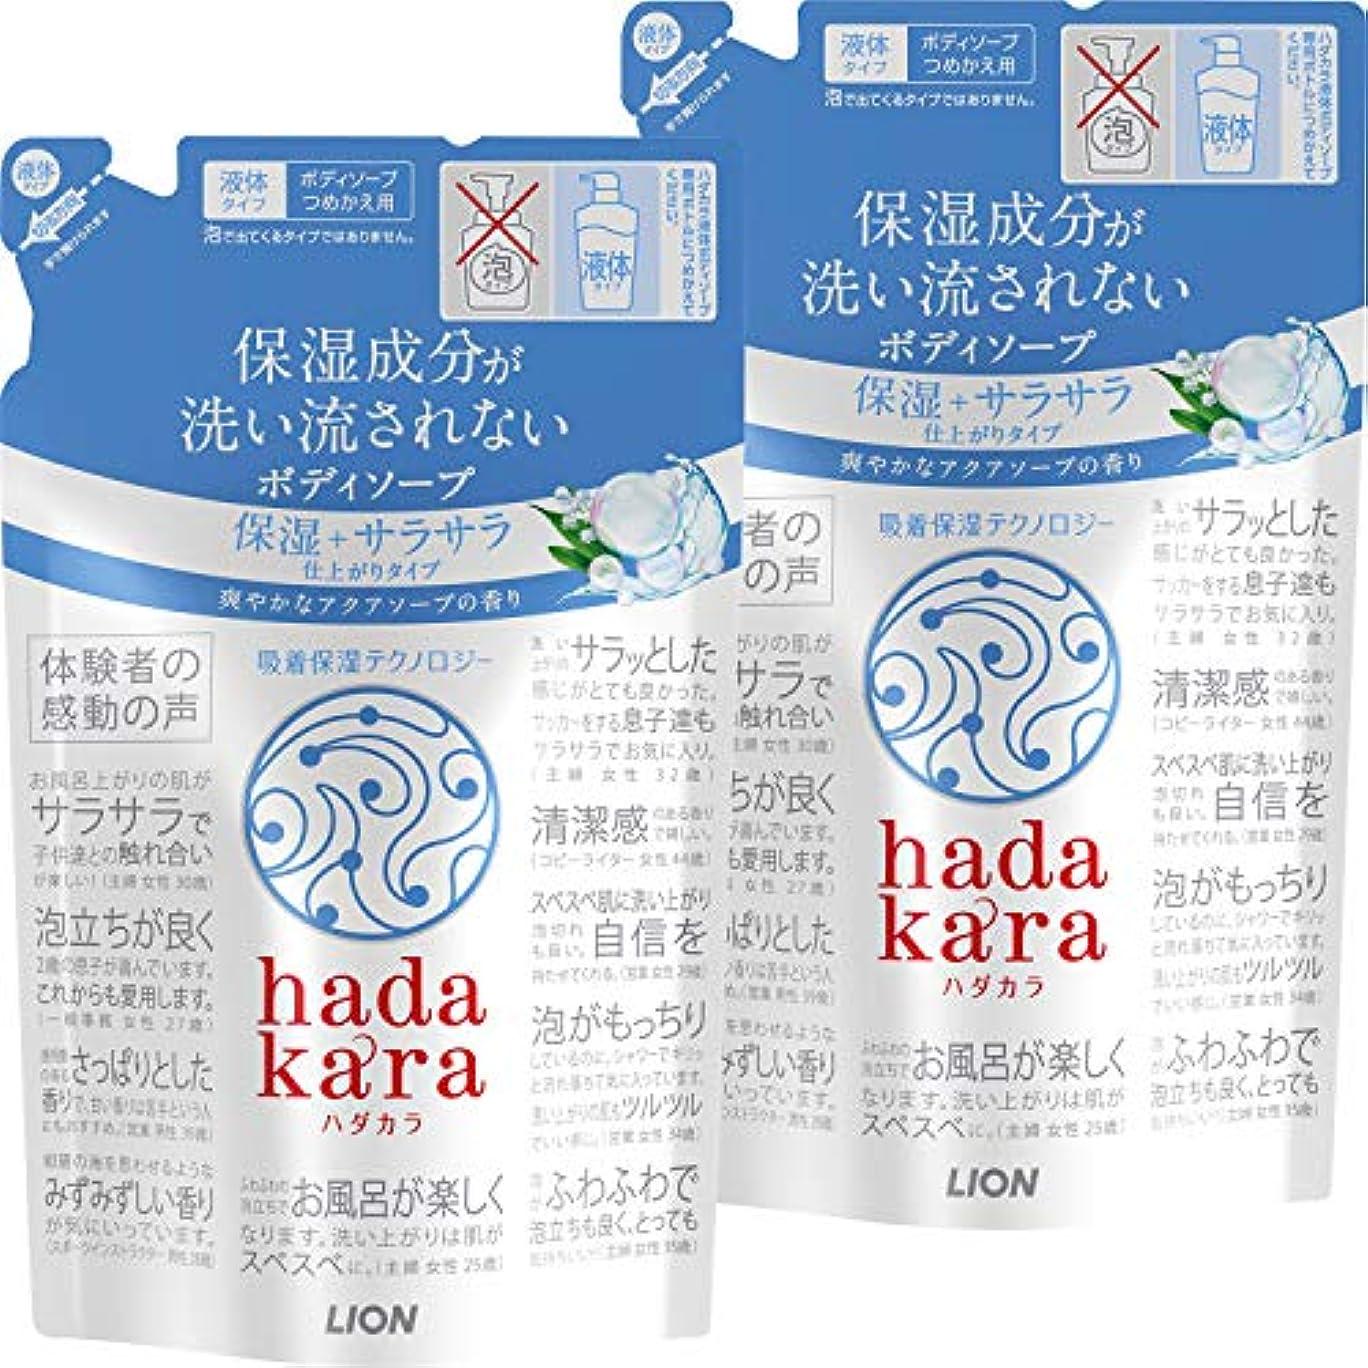 ほぼ香港アプローチ【まとめ買い】hadakara(ハダカラ) ボディソープ 保湿+サラサラ仕上がりタイプ アクアソープの香り 詰め替え 340ml×2個パック